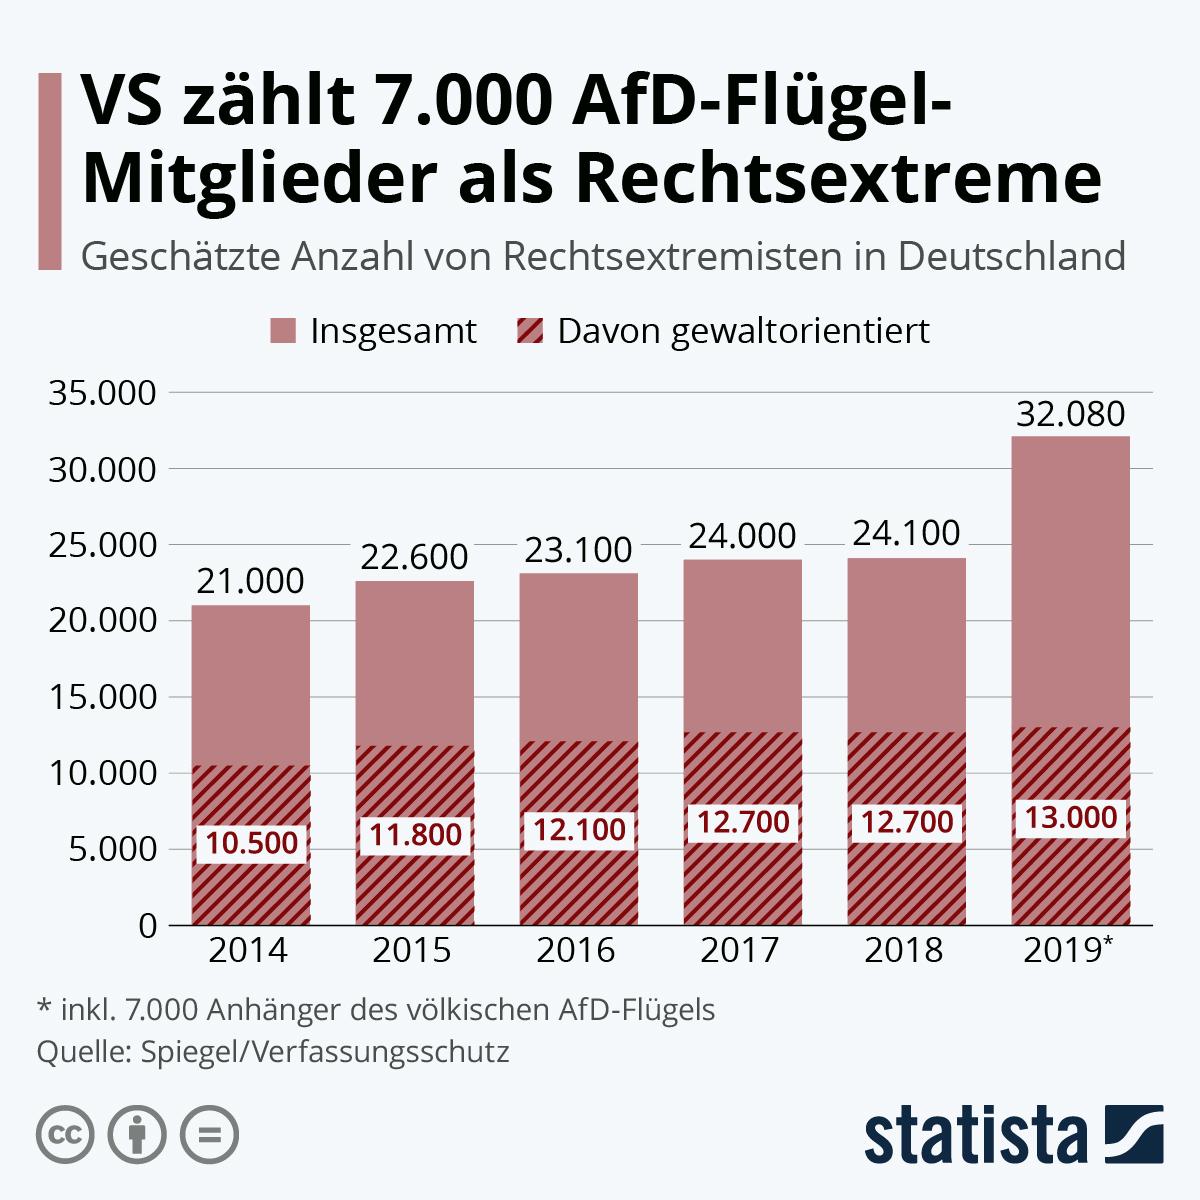 Infografik: VS zählt 7.000 AfD-Flügel-Mitglieder als Rechtsextreme | Statista